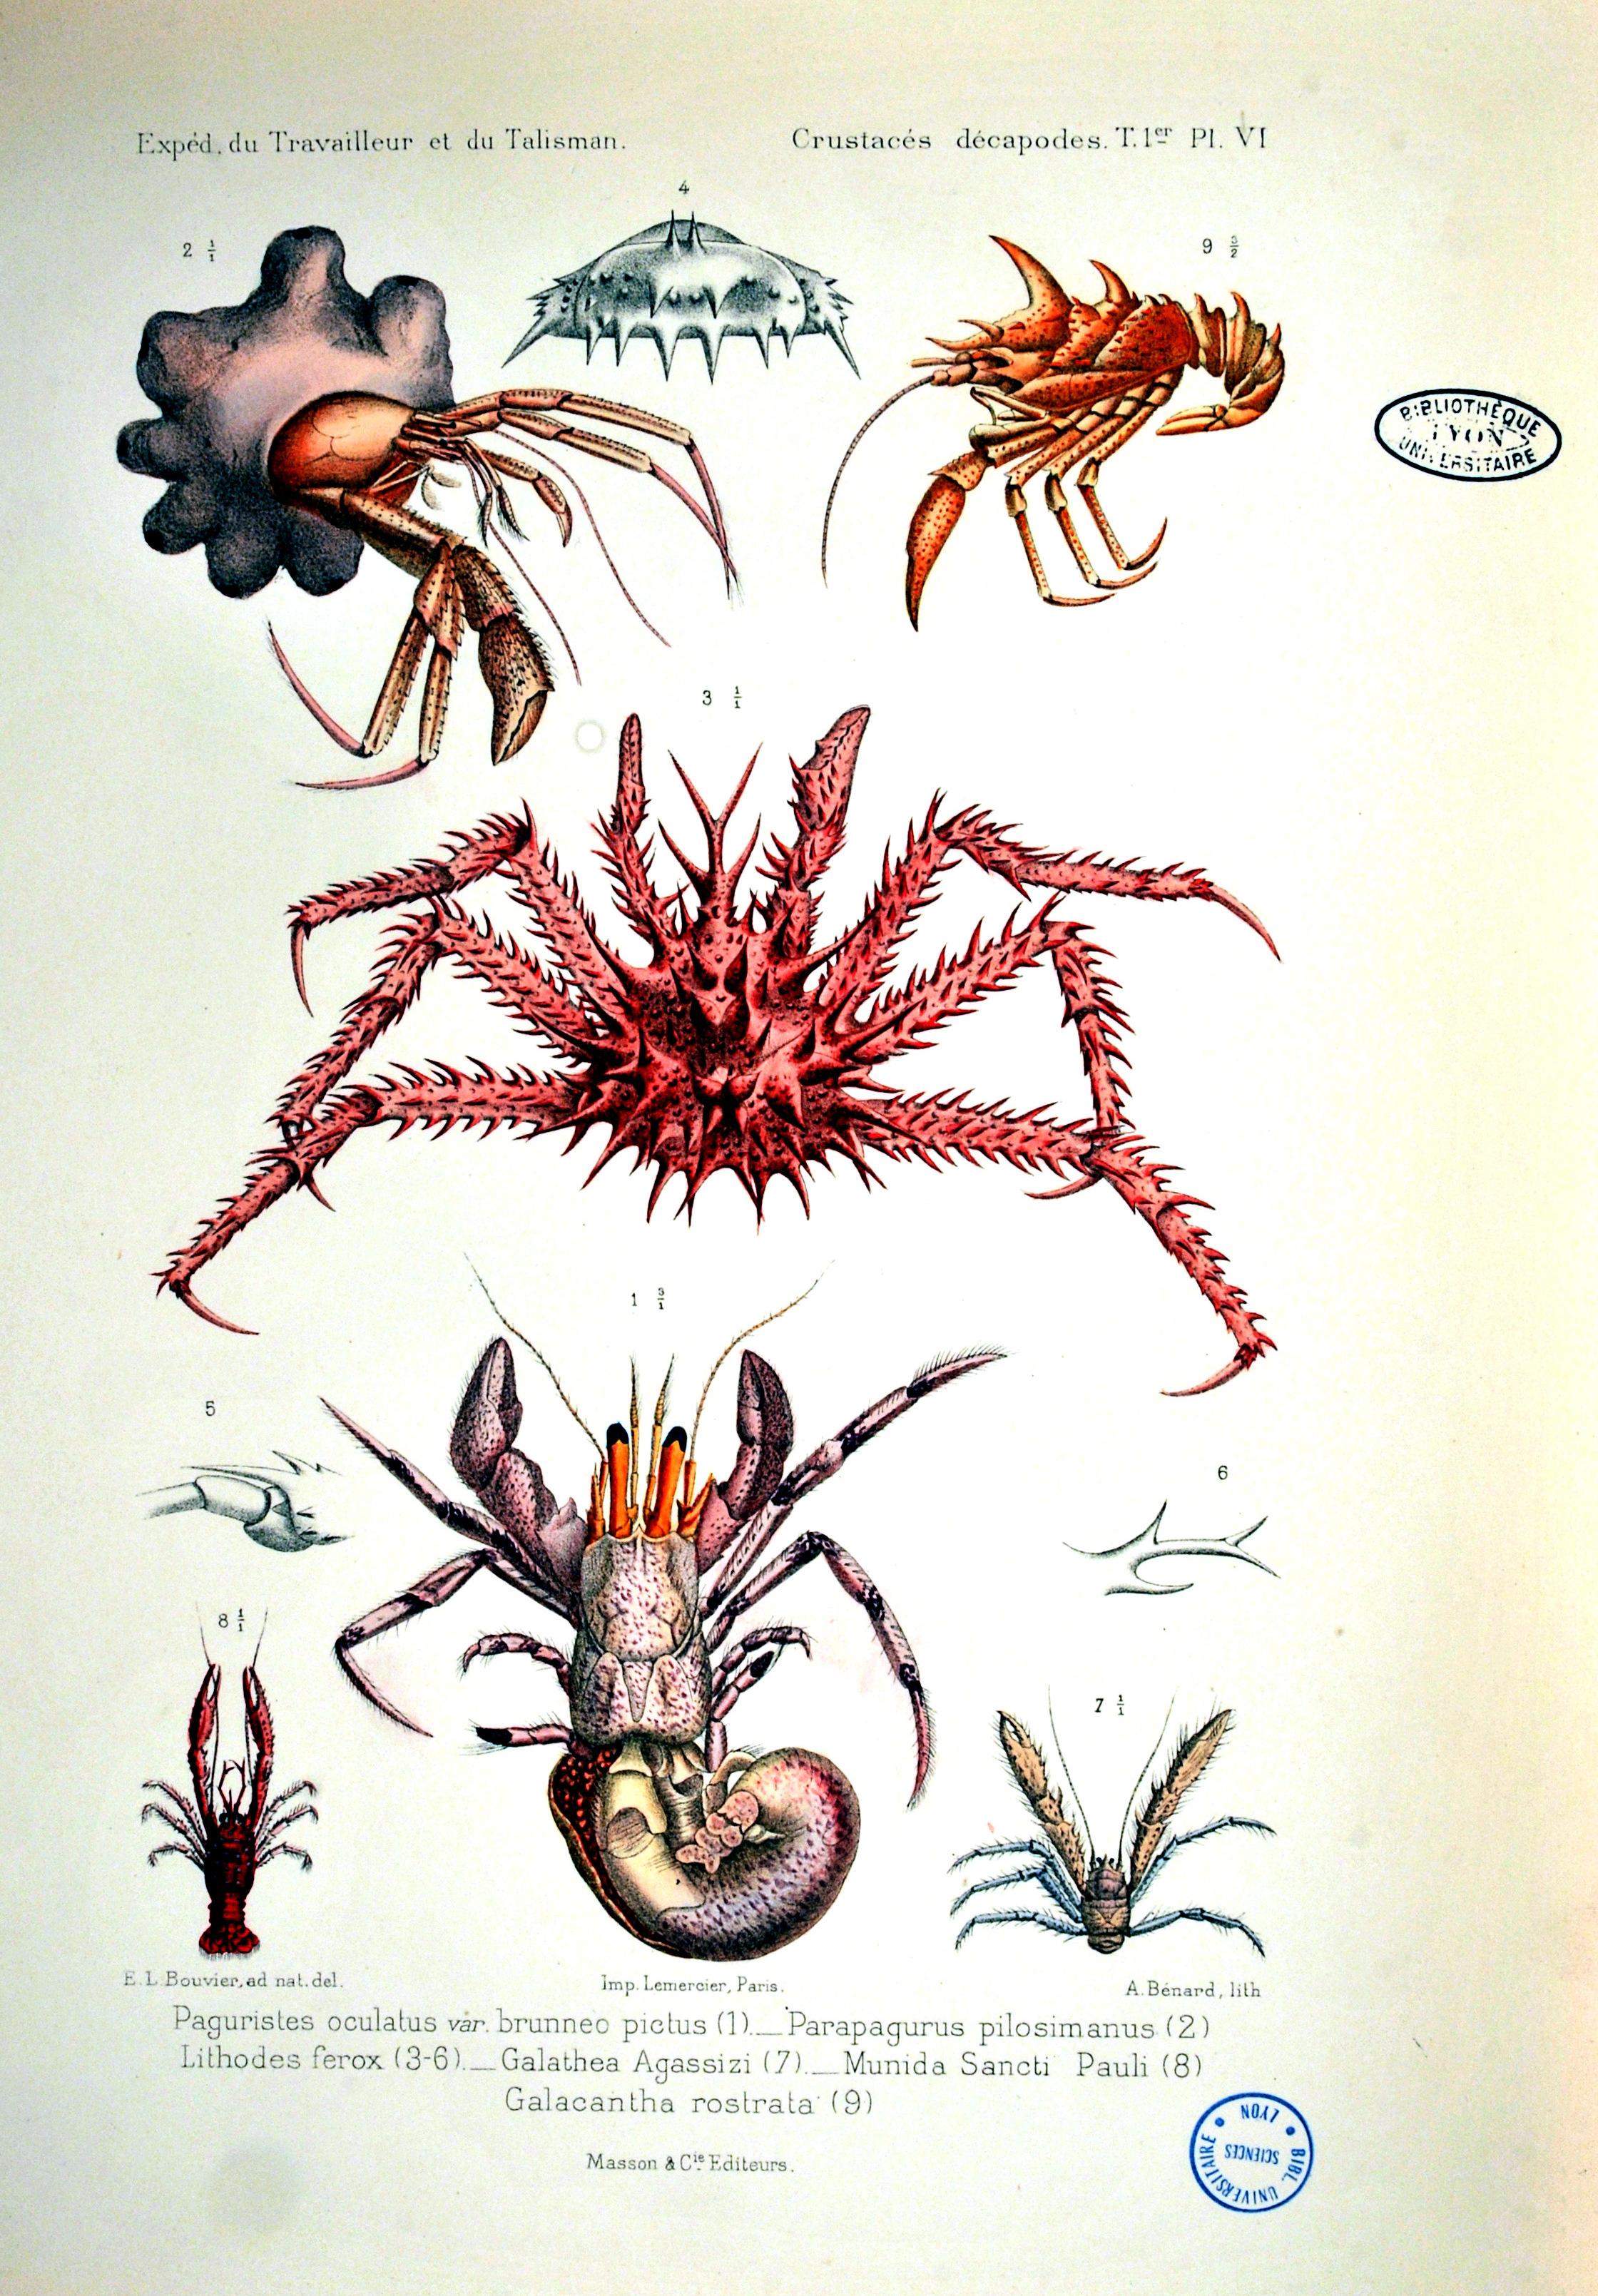 A. Milne-Edwards. Expédition scientifique du travailleur et du talisman: crustacés décapodes T.1. Masson, 1900. Cote 151022